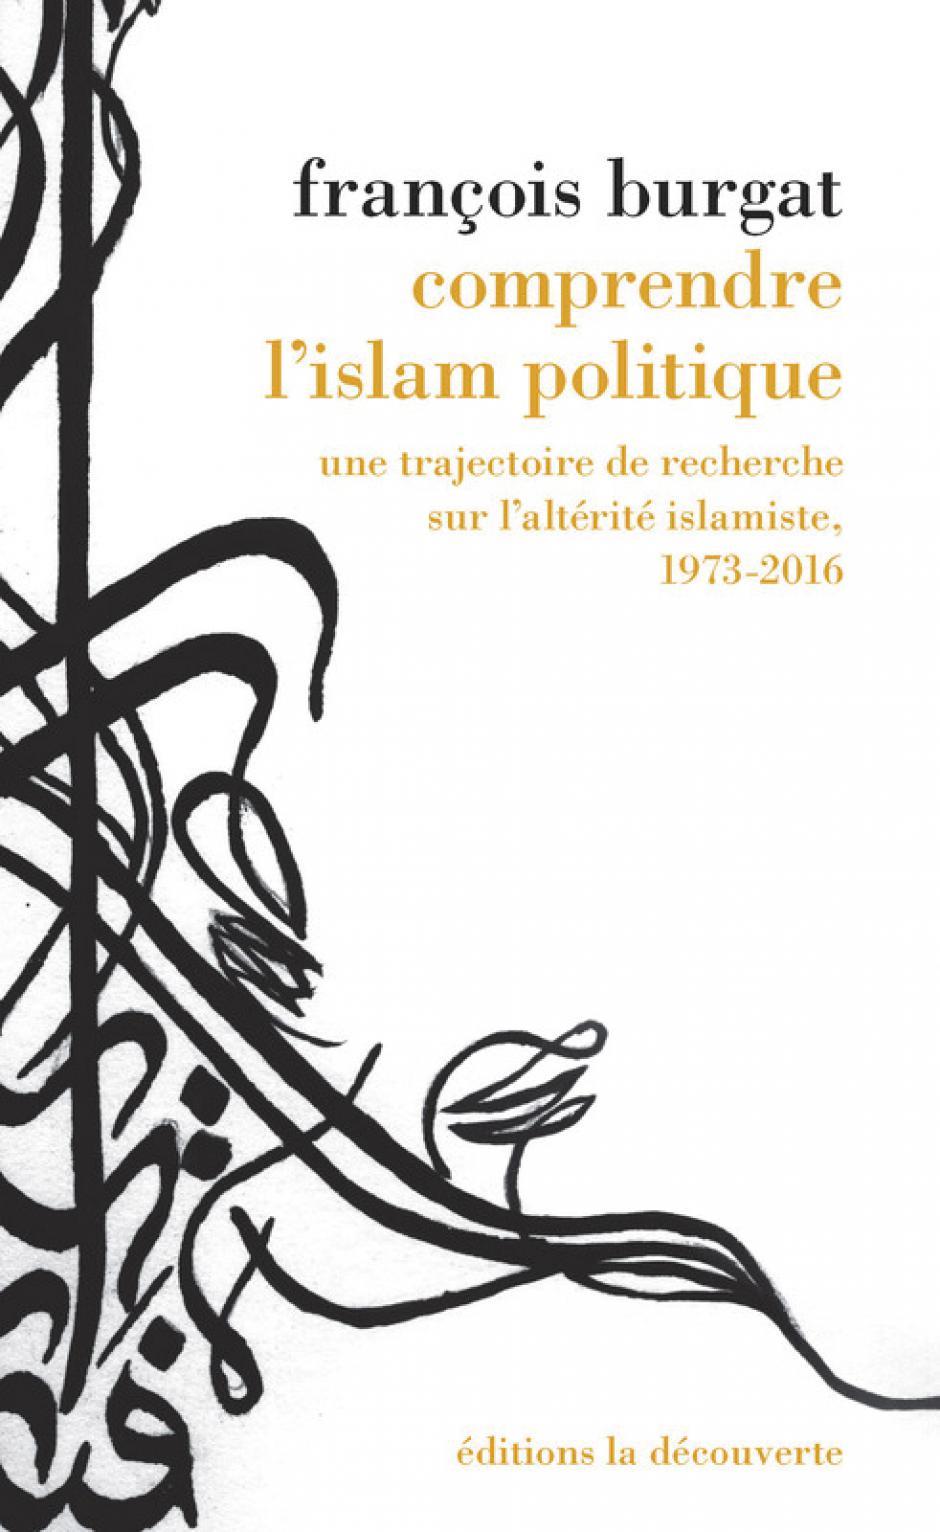 Comprendre l'islam politique. une trajectoire de recherche sur l'altérité islamiste, 1973-2016, François Burgat